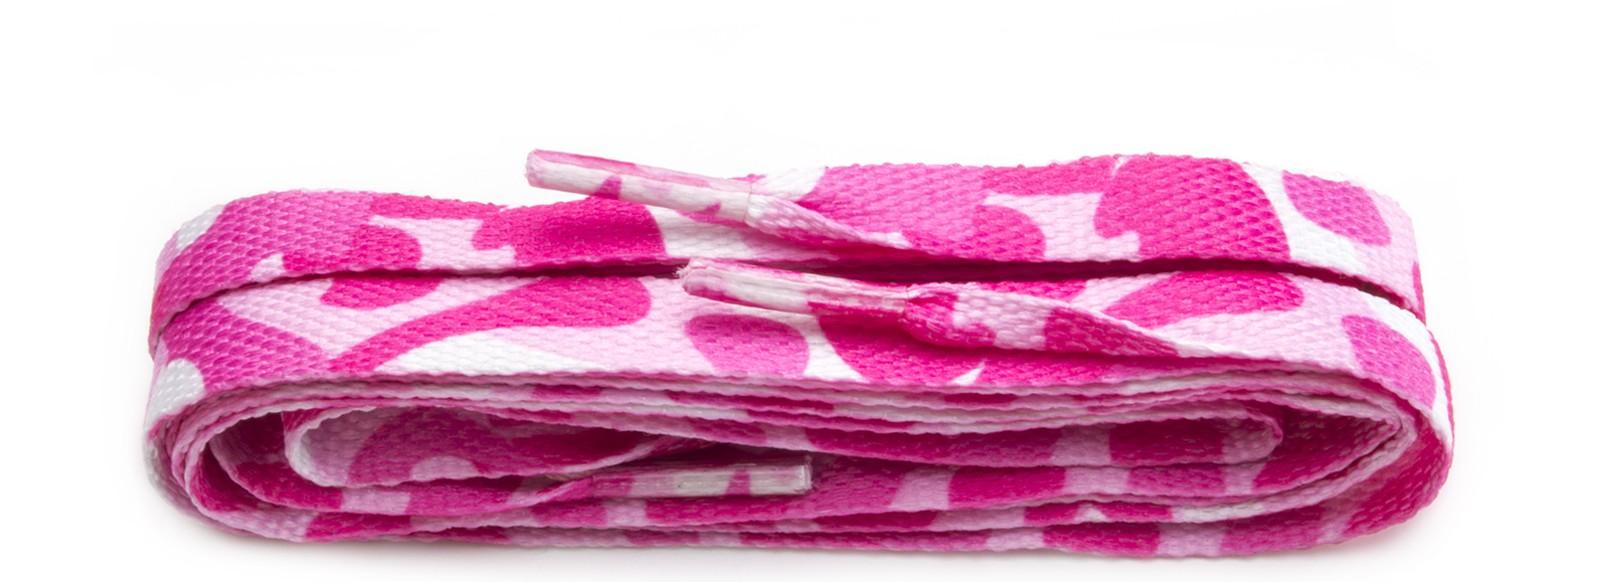 Fashion Pink Camo Printed Narrow